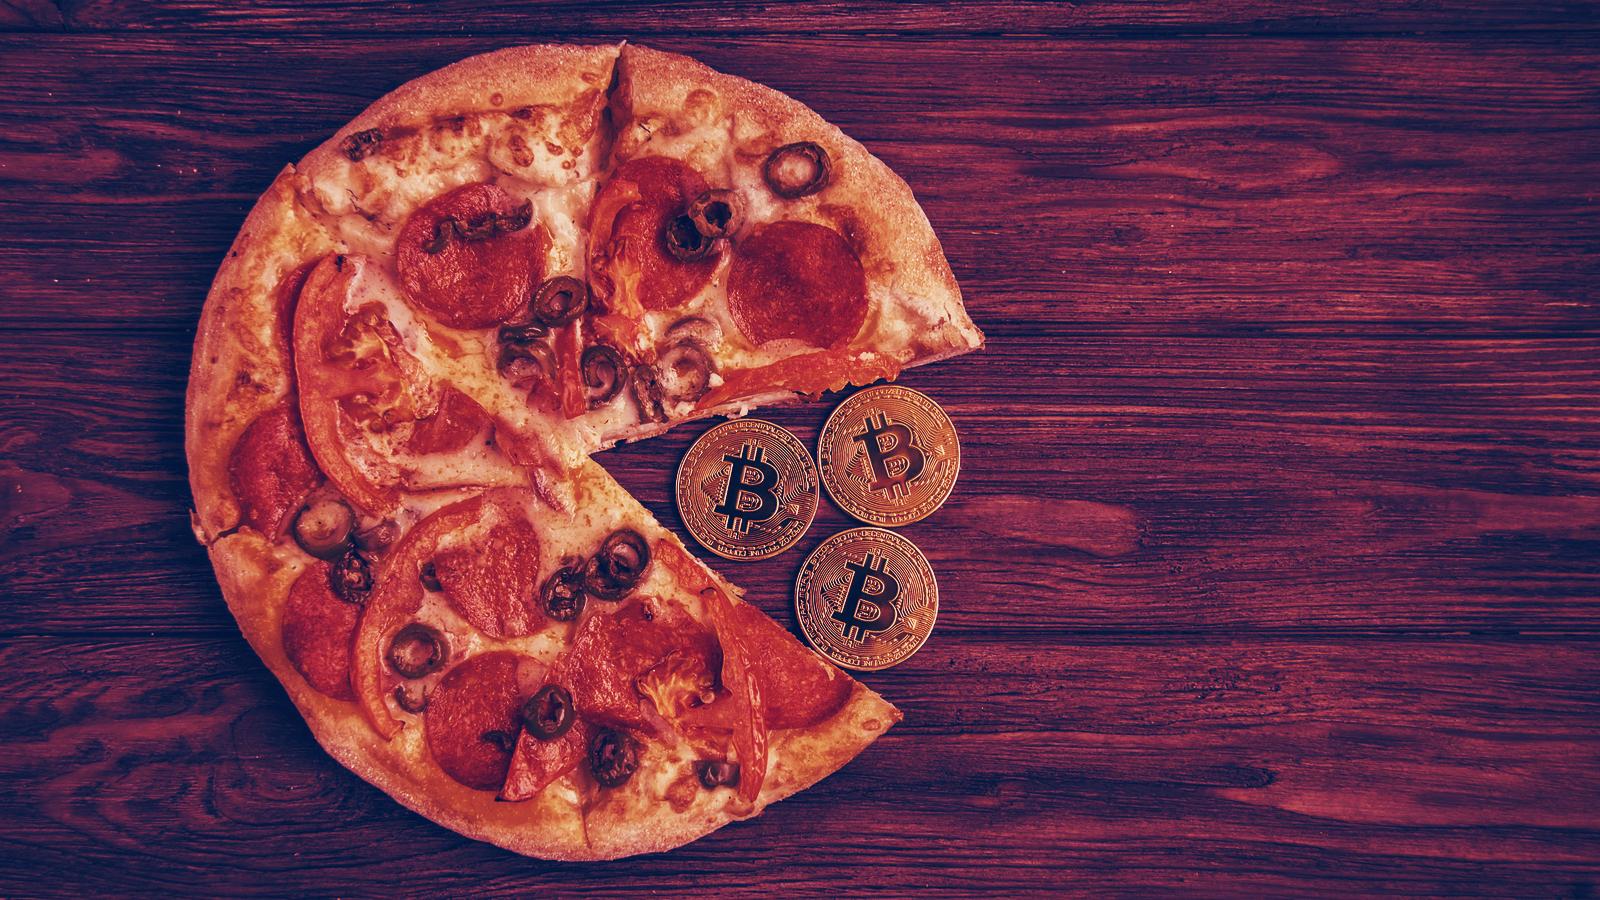 İki Pizza İçin Kullanılan 10.000 BTC Ne Durumda?